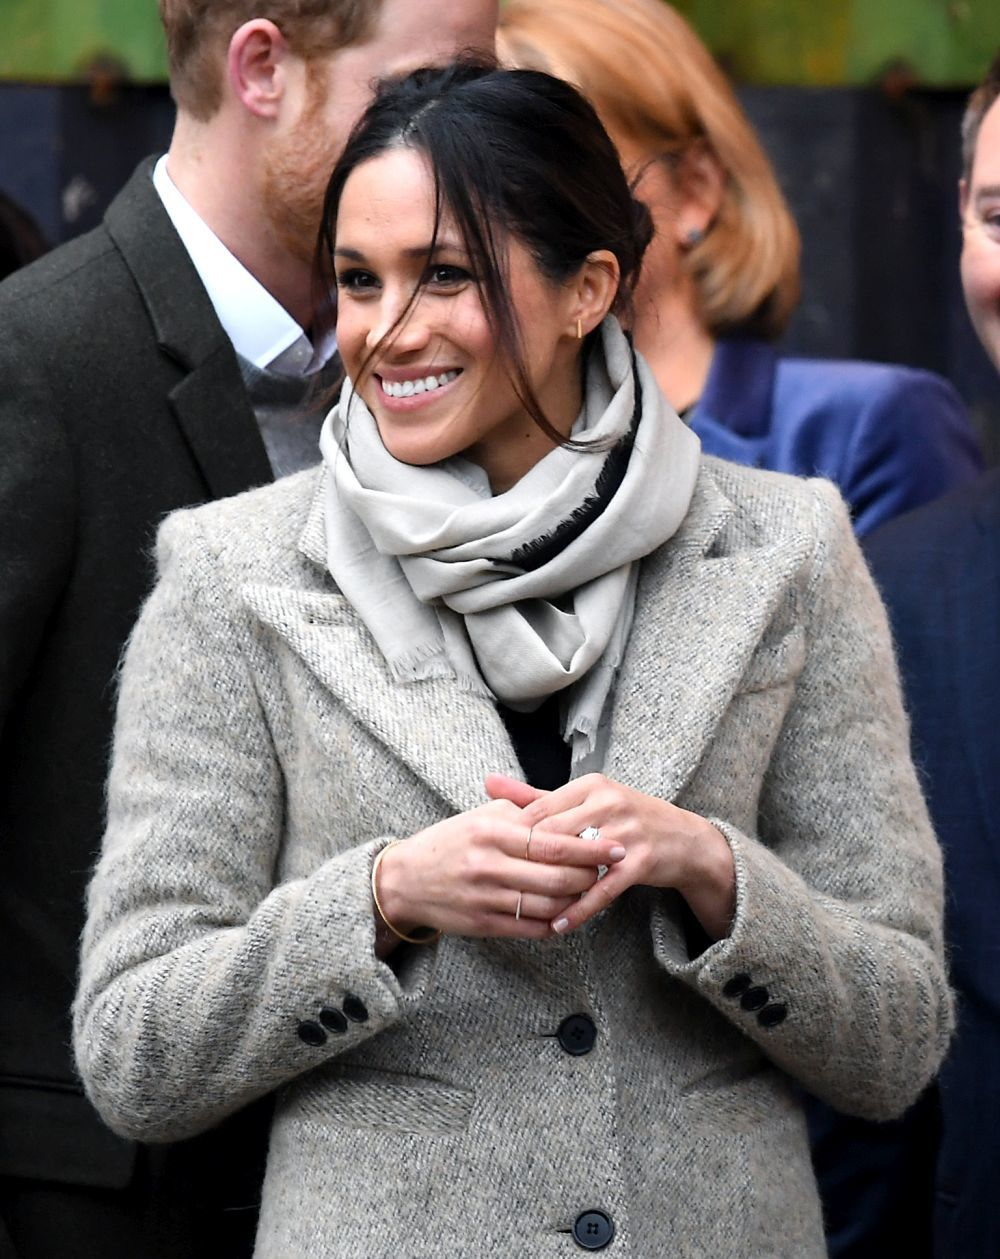 Para el día a día, Meghan adora las joyas discretas. Una pulsera...